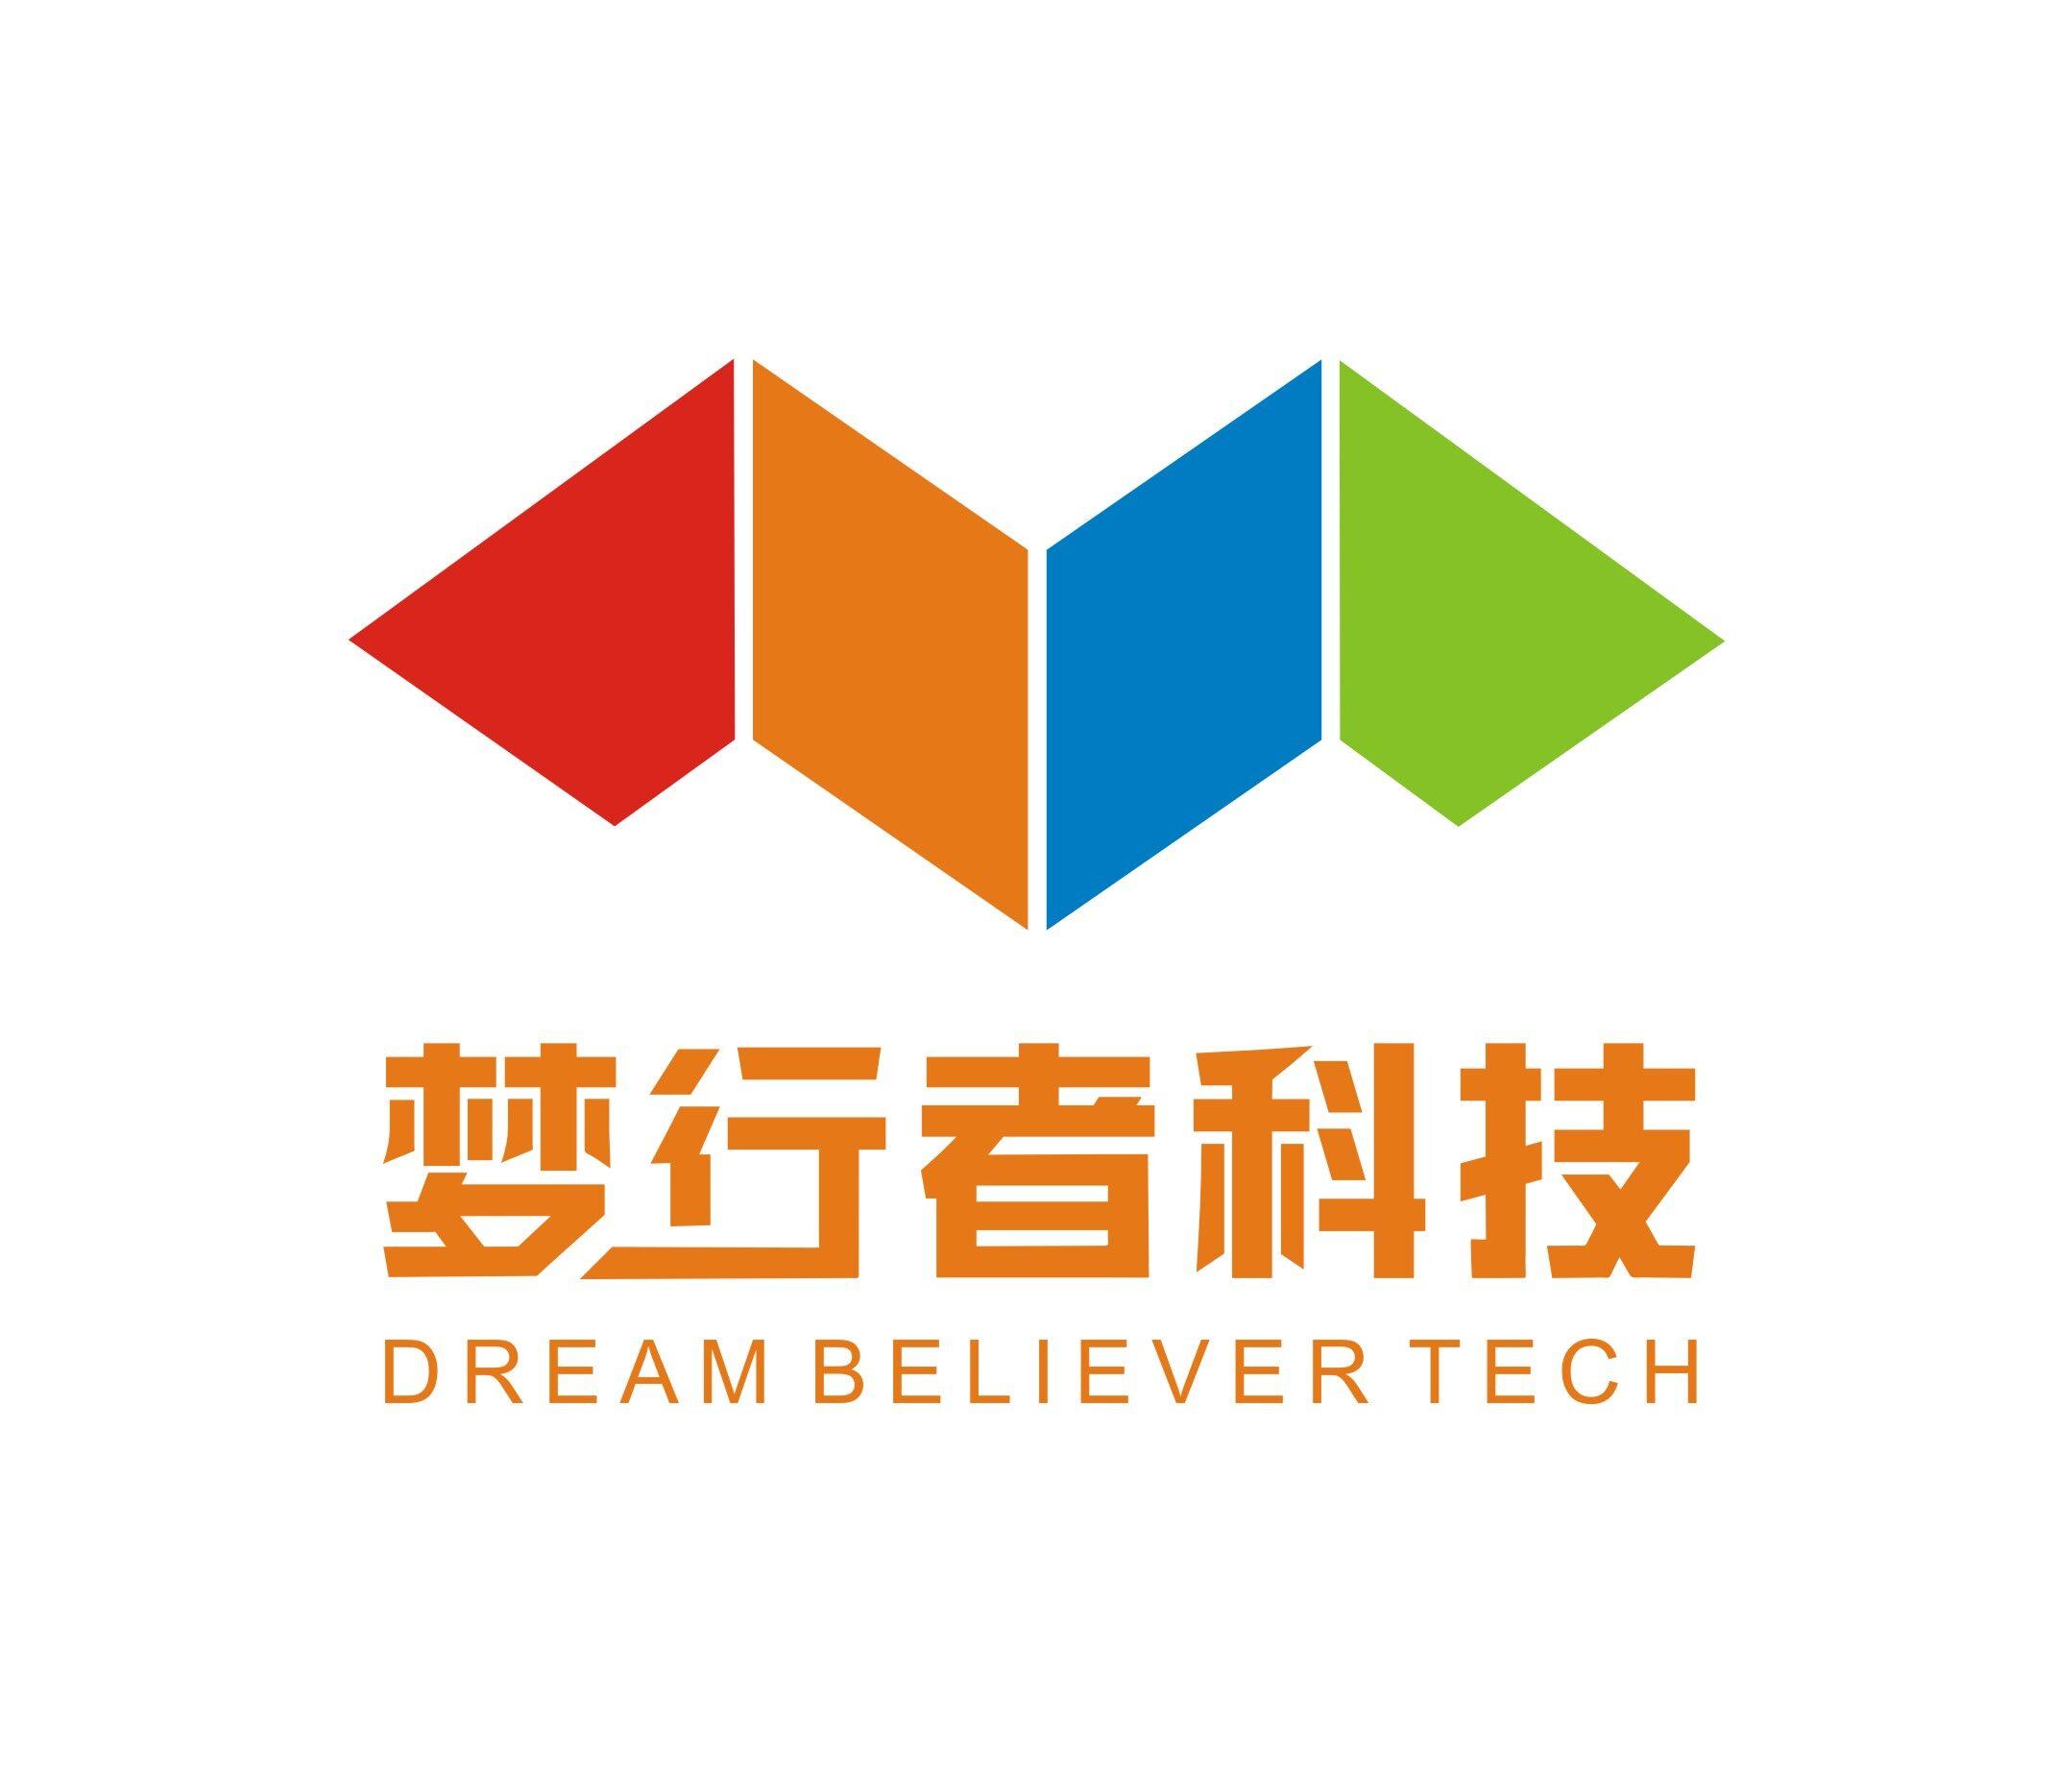 海南梦行者科技有限公司